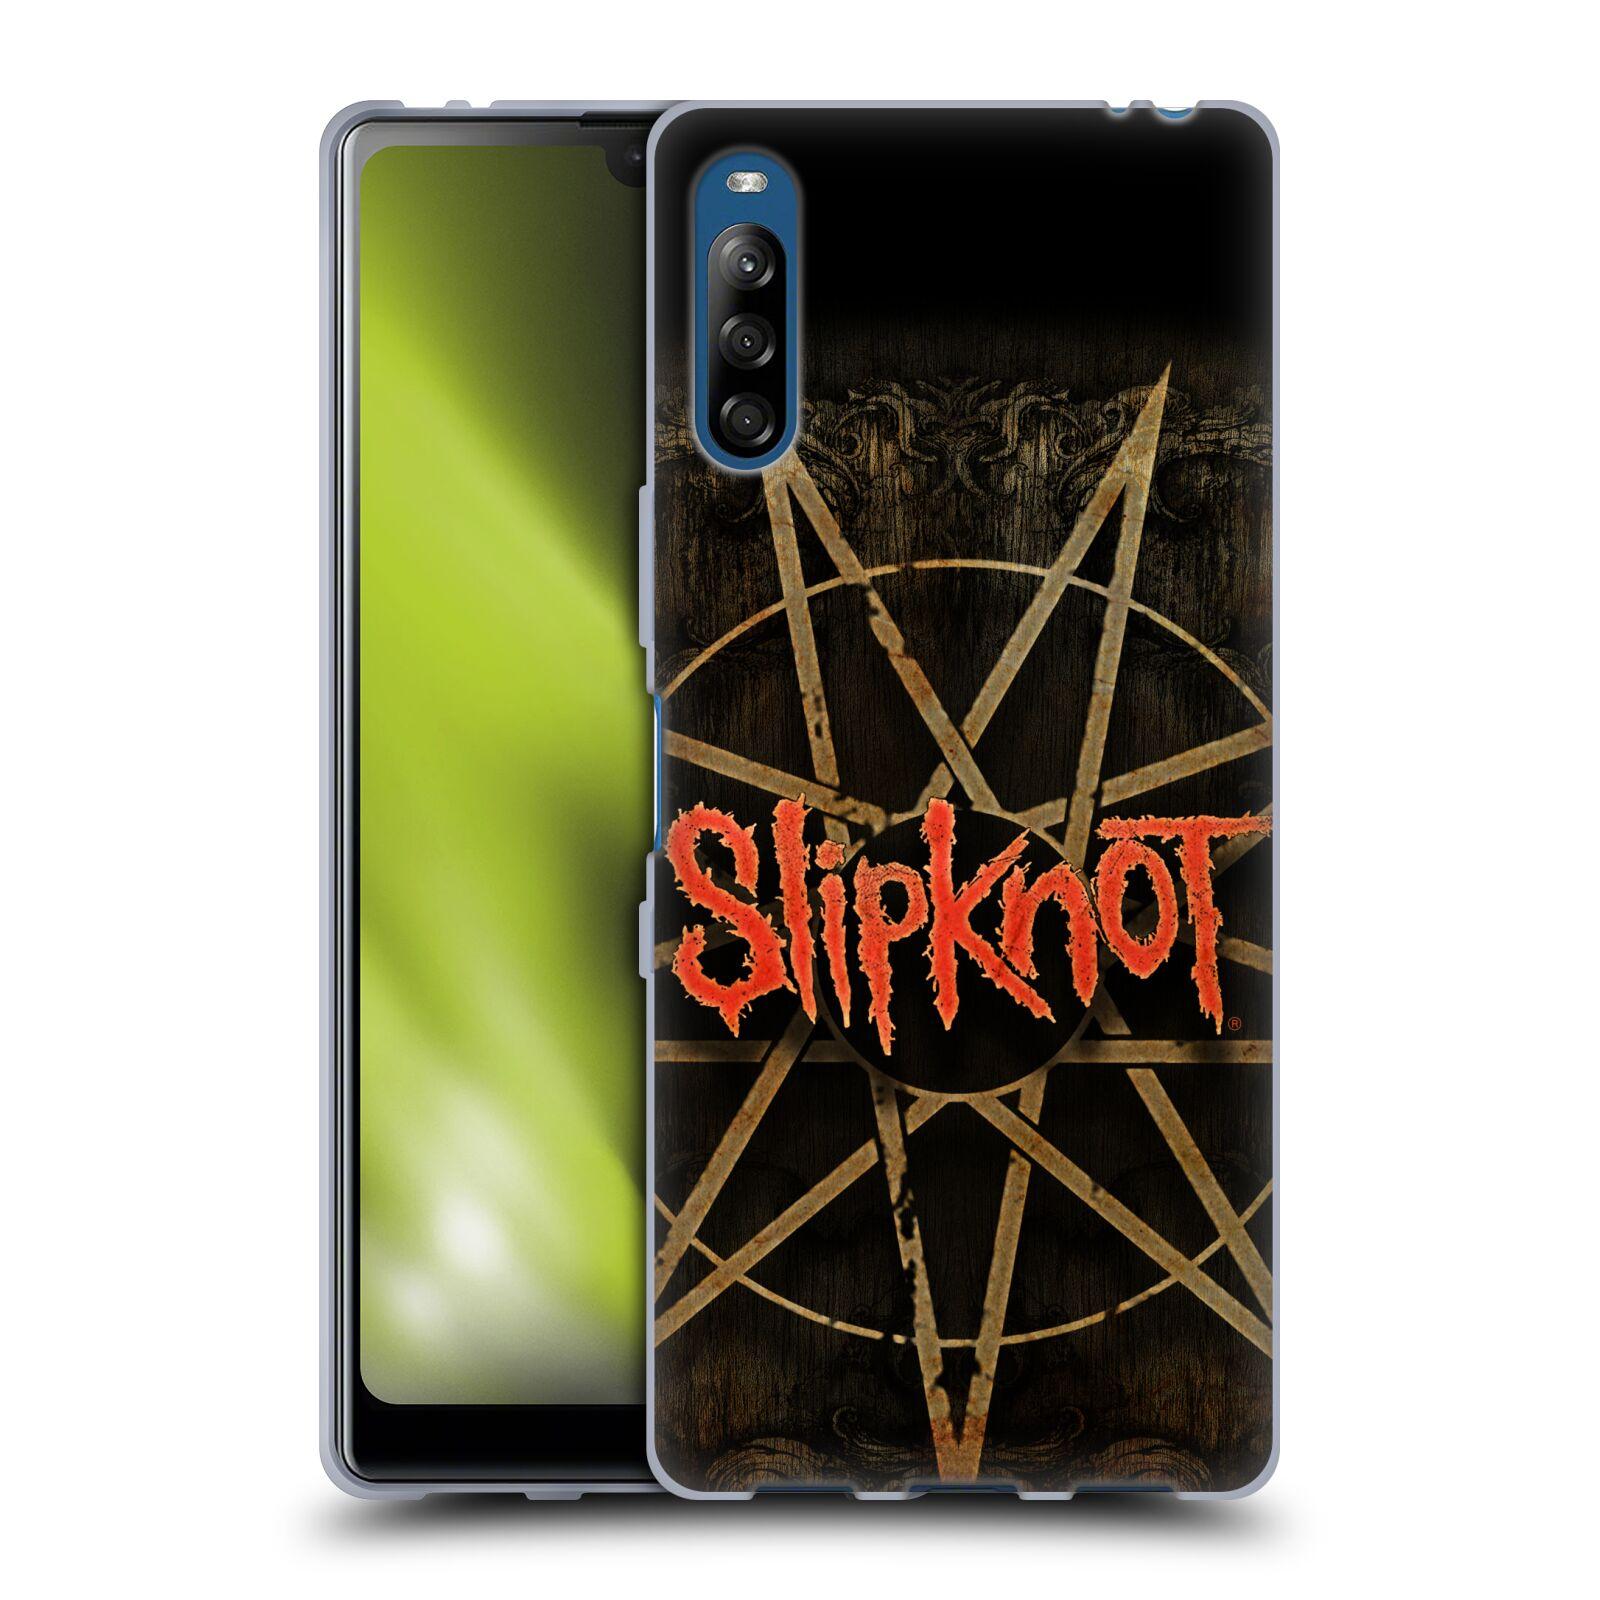 Silikonové pouzdro na mobil Sony Xperia L4 - Head Case - Slipknot - Znak